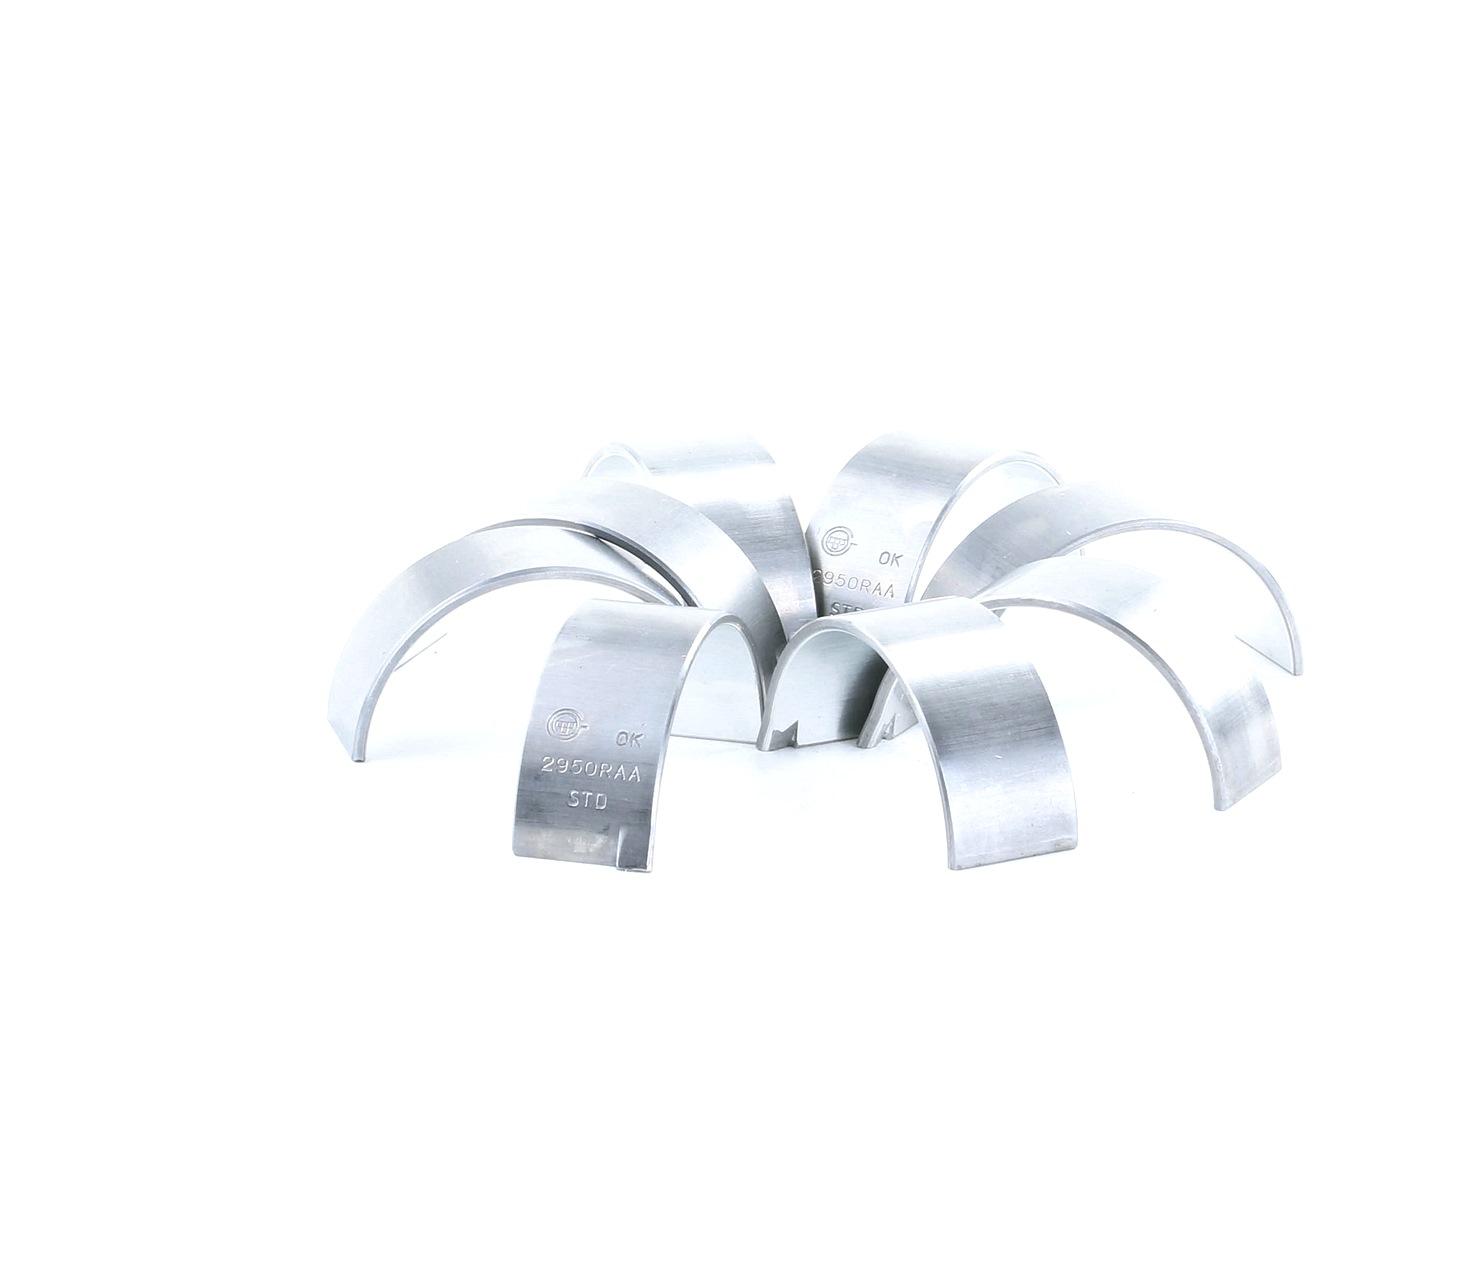 Achetez Roulements GLYCO 01-4138/4 STD () à un rapport qualité-prix exceptionnel